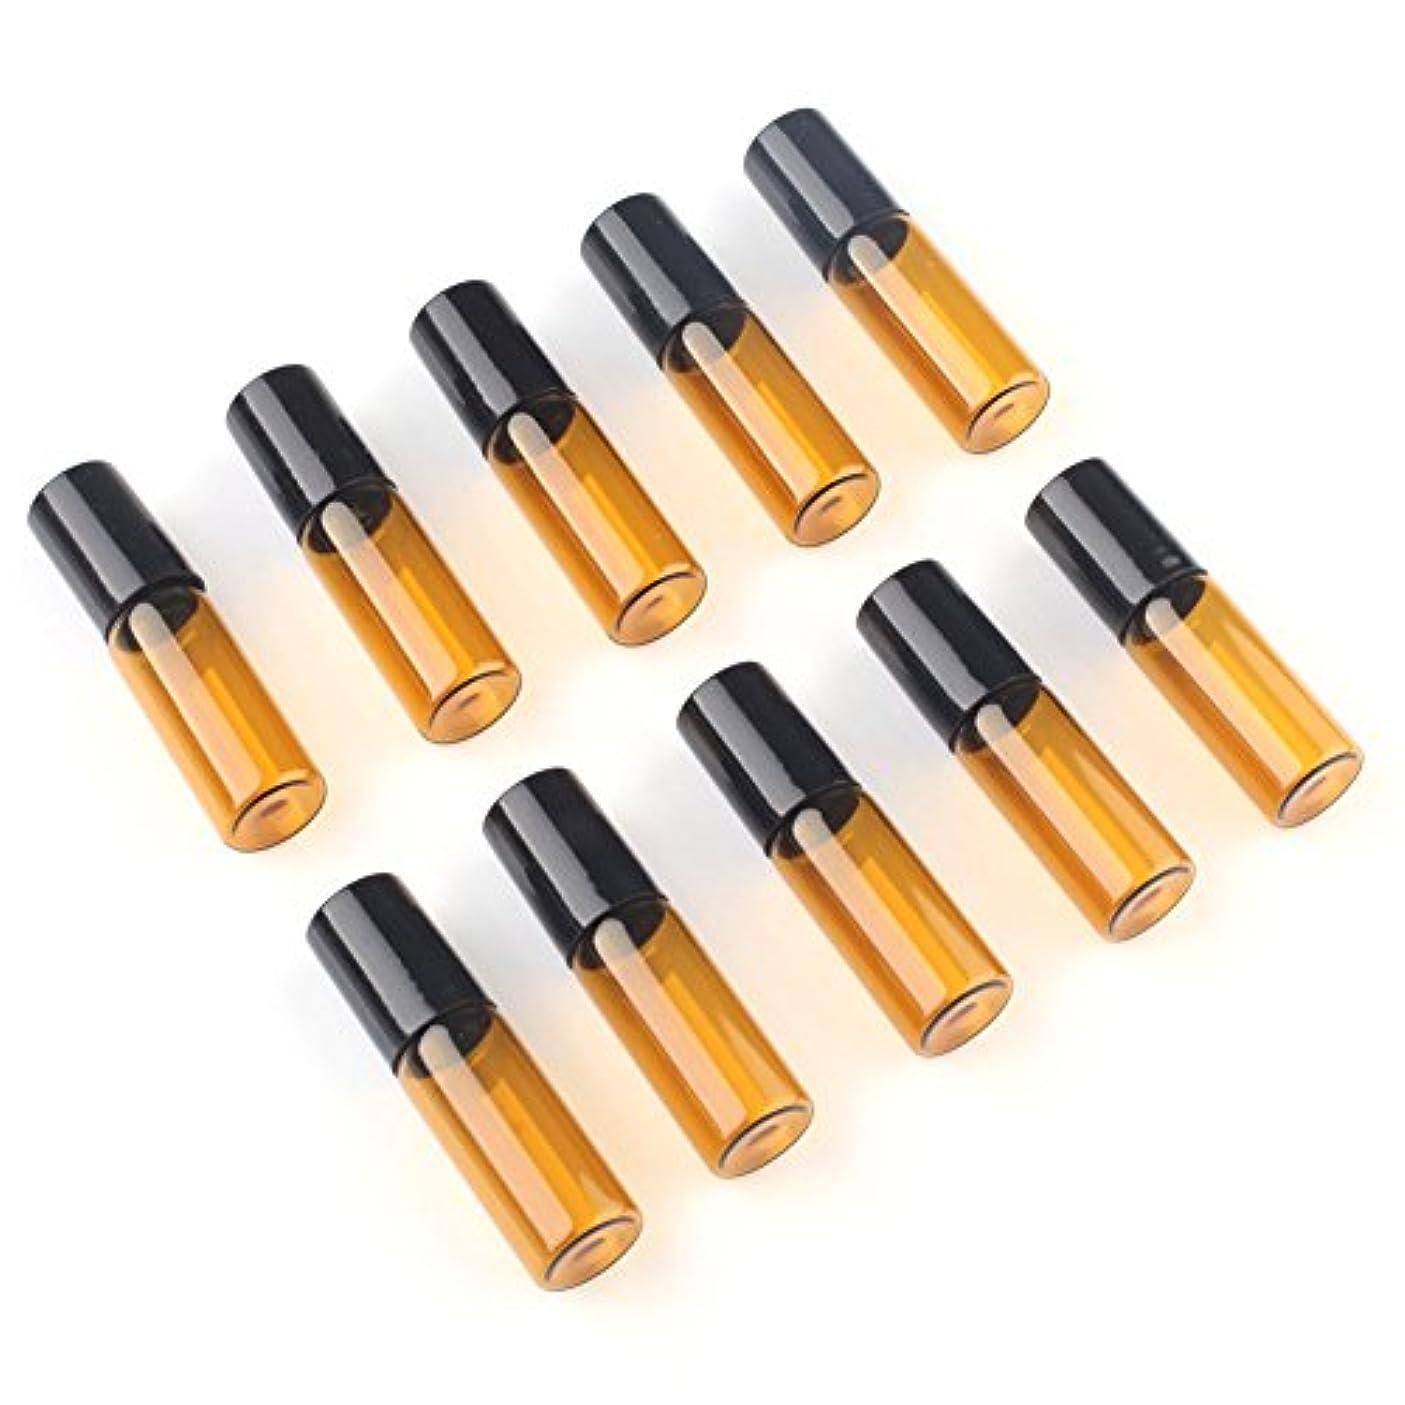 適応するトロイの木馬音楽家SAGULU アロマオイル 精油 小分け用 遮光瓶 遮光ビン ミニガラスアロマボトル エッセンシャルオイル用容器 スチールボールタイプ 5ml、10ml選択可能 アンバー 10本セット (5ml)